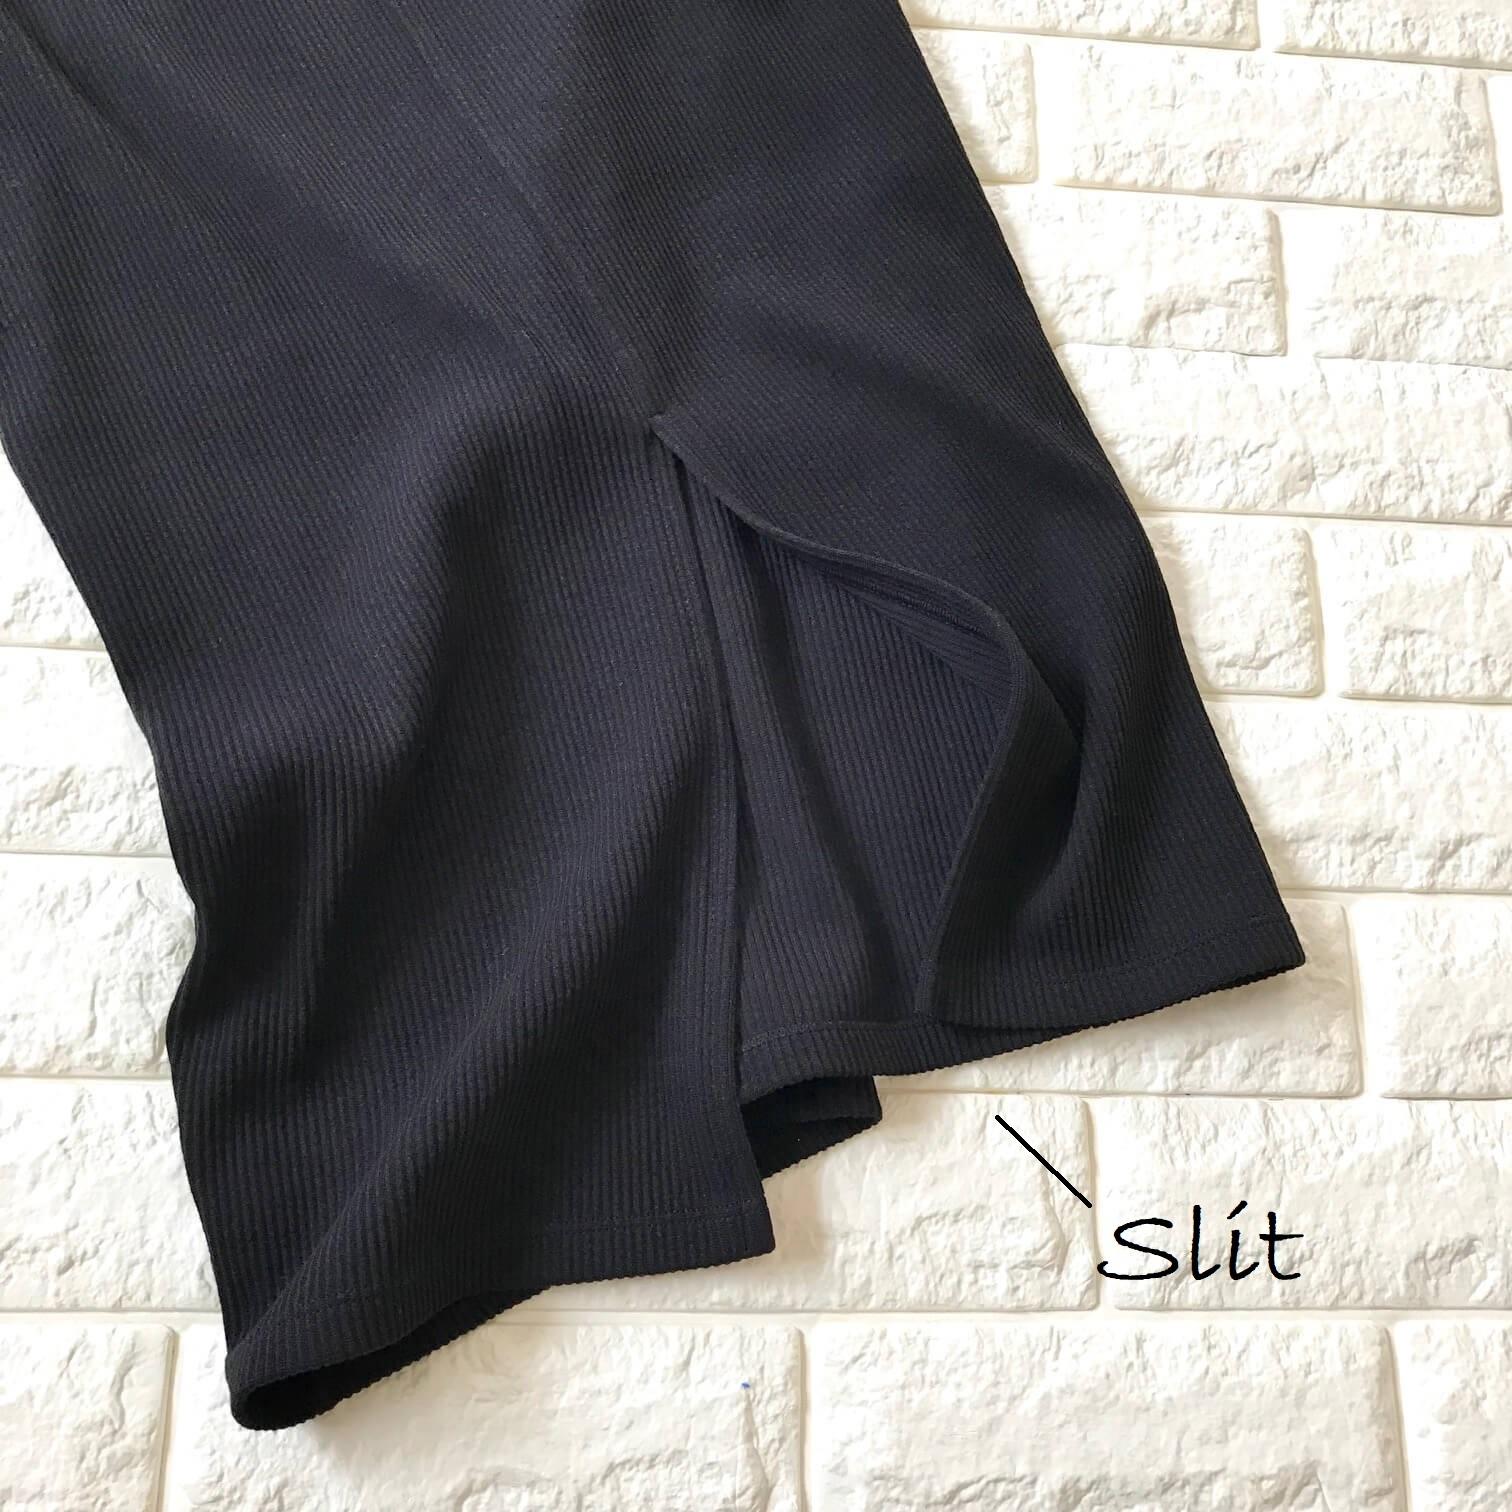 ユニクロのスカートスリット画像